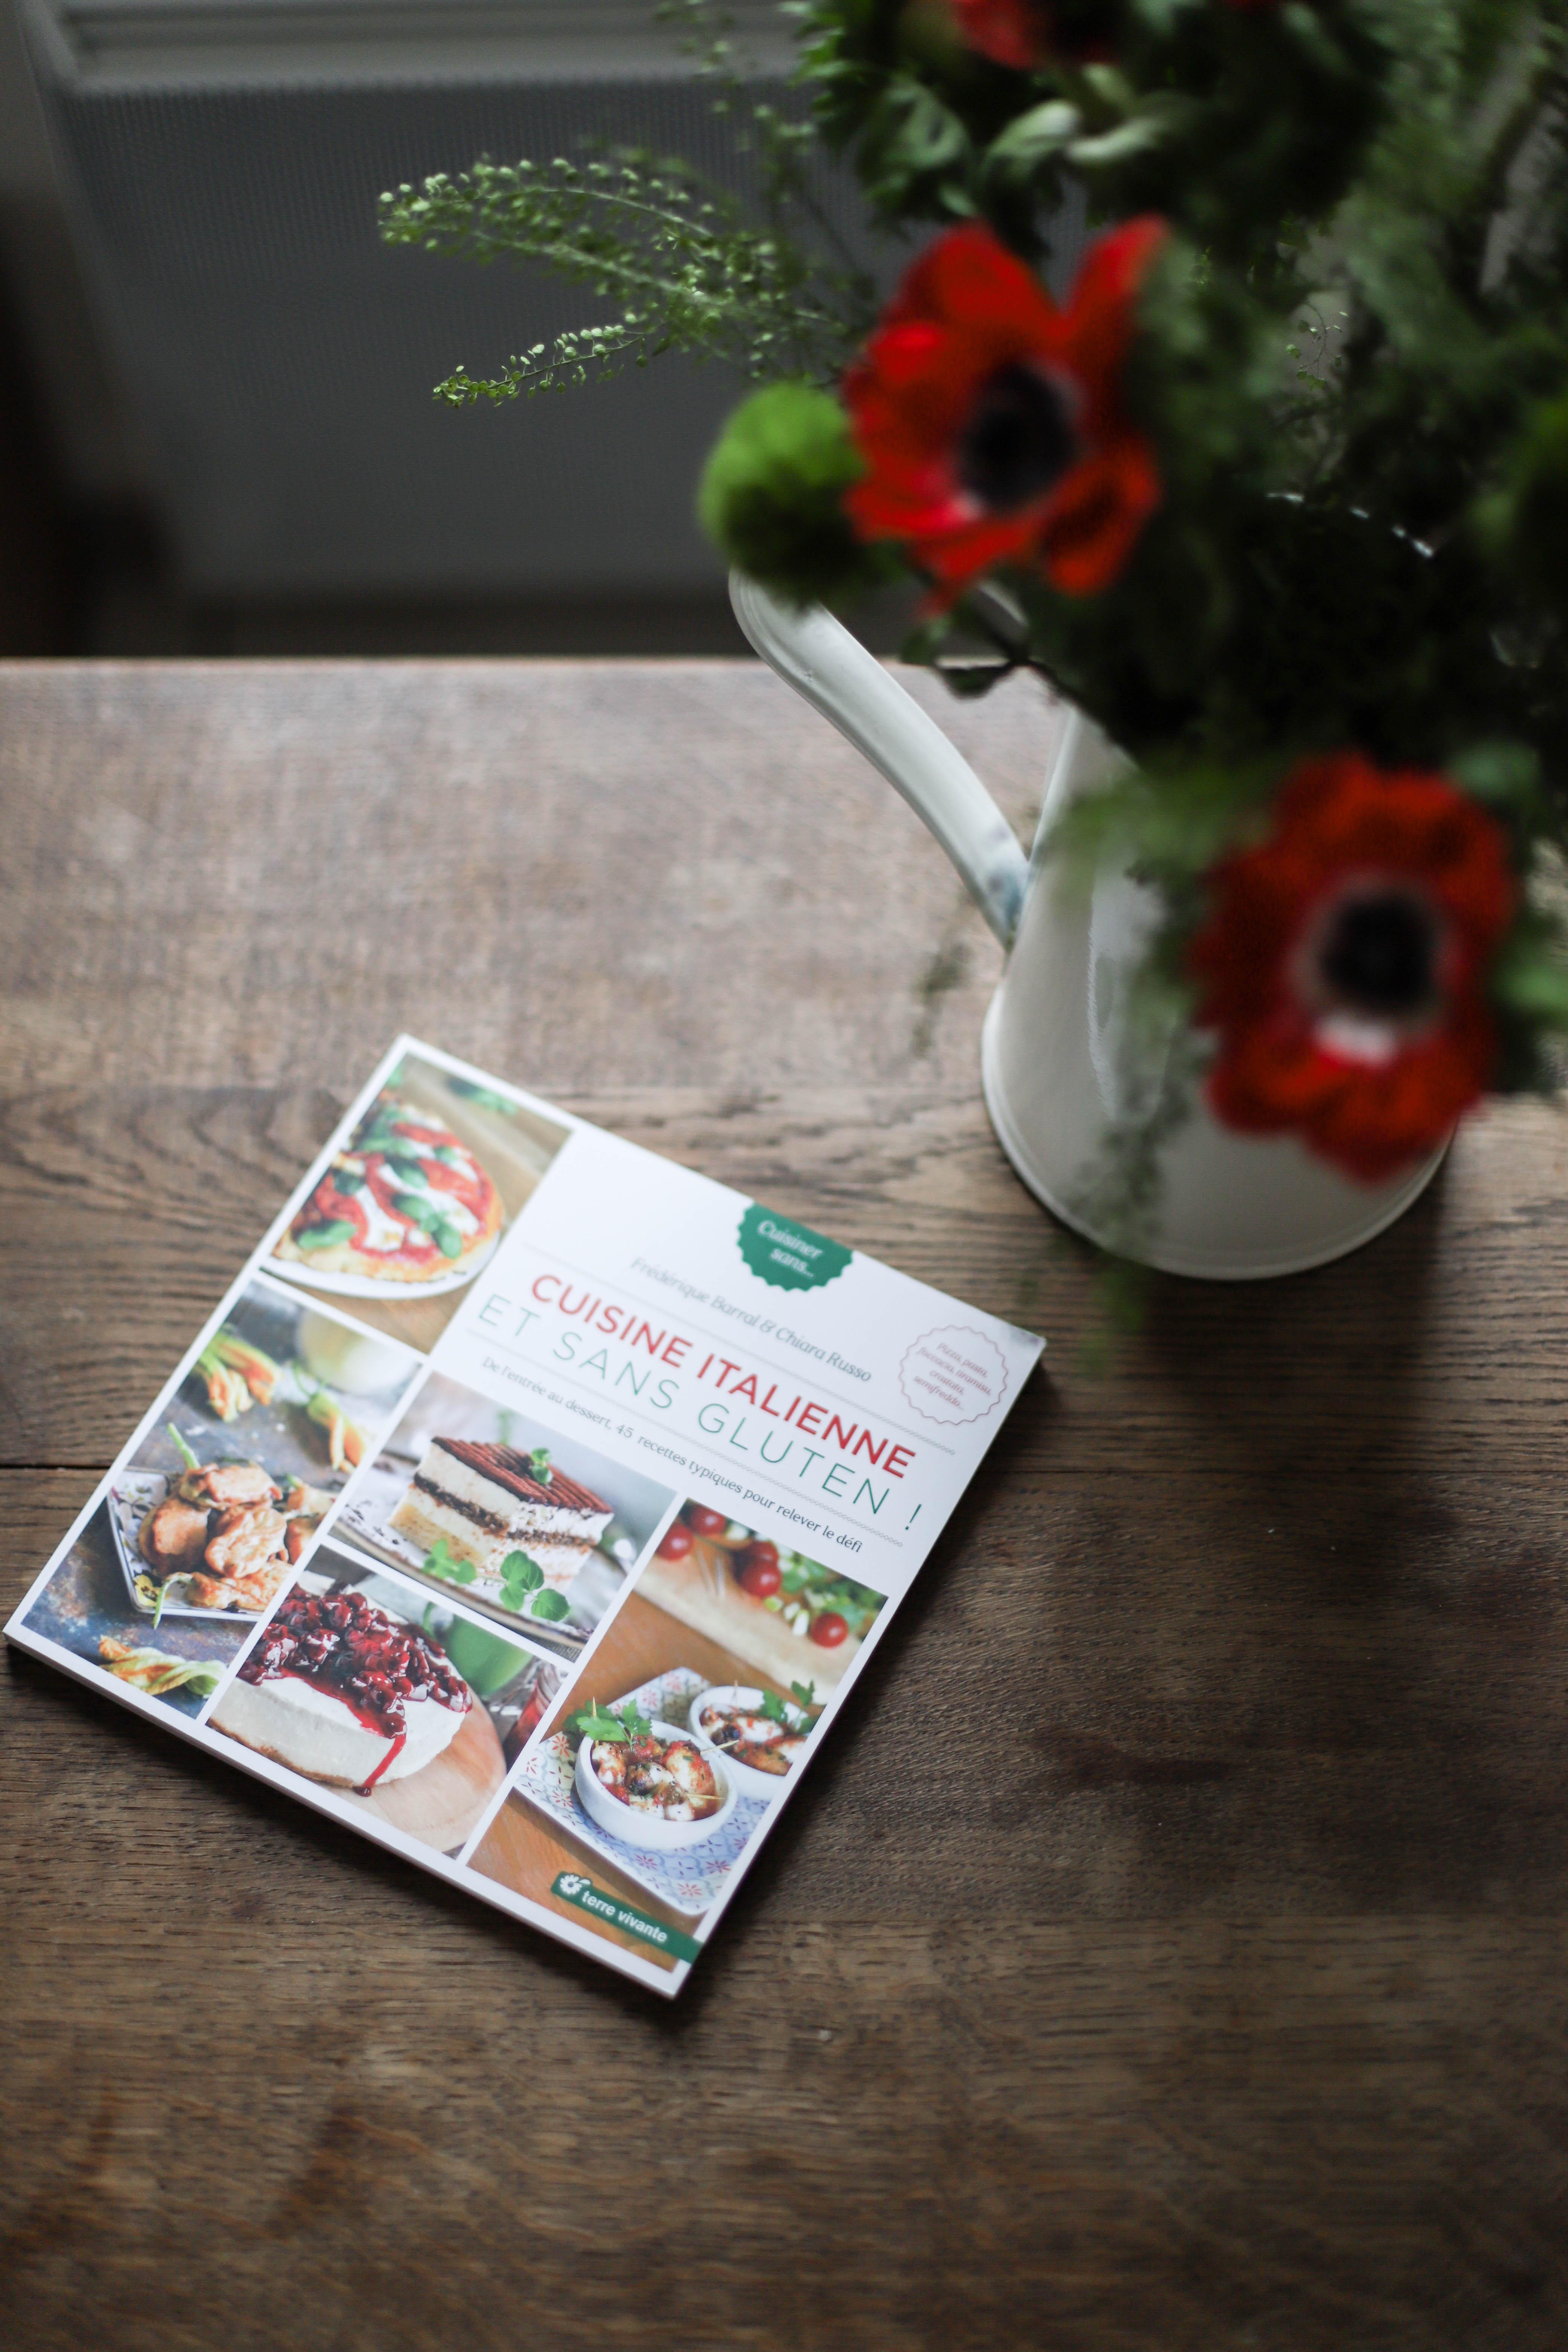 cuisine italienne livre de recettes sans gluten